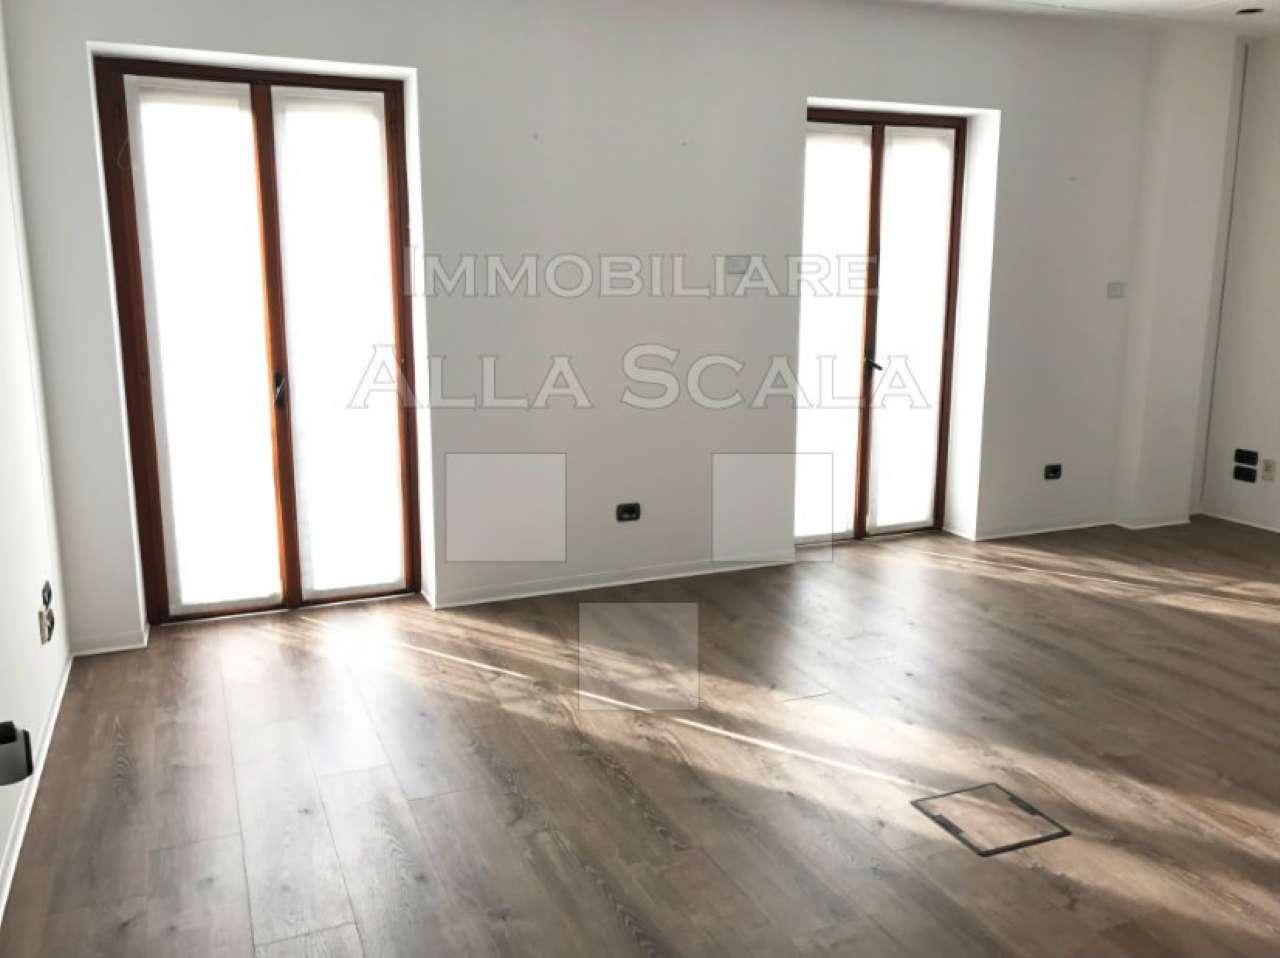 Ufficio / Studio in affitto a Milano, 6 locali, zona Zona: 1 . Centro Storico, Duomo, Brera, Cadorna, Cattolica, prezzo € 3.333 | CambioCasa.it